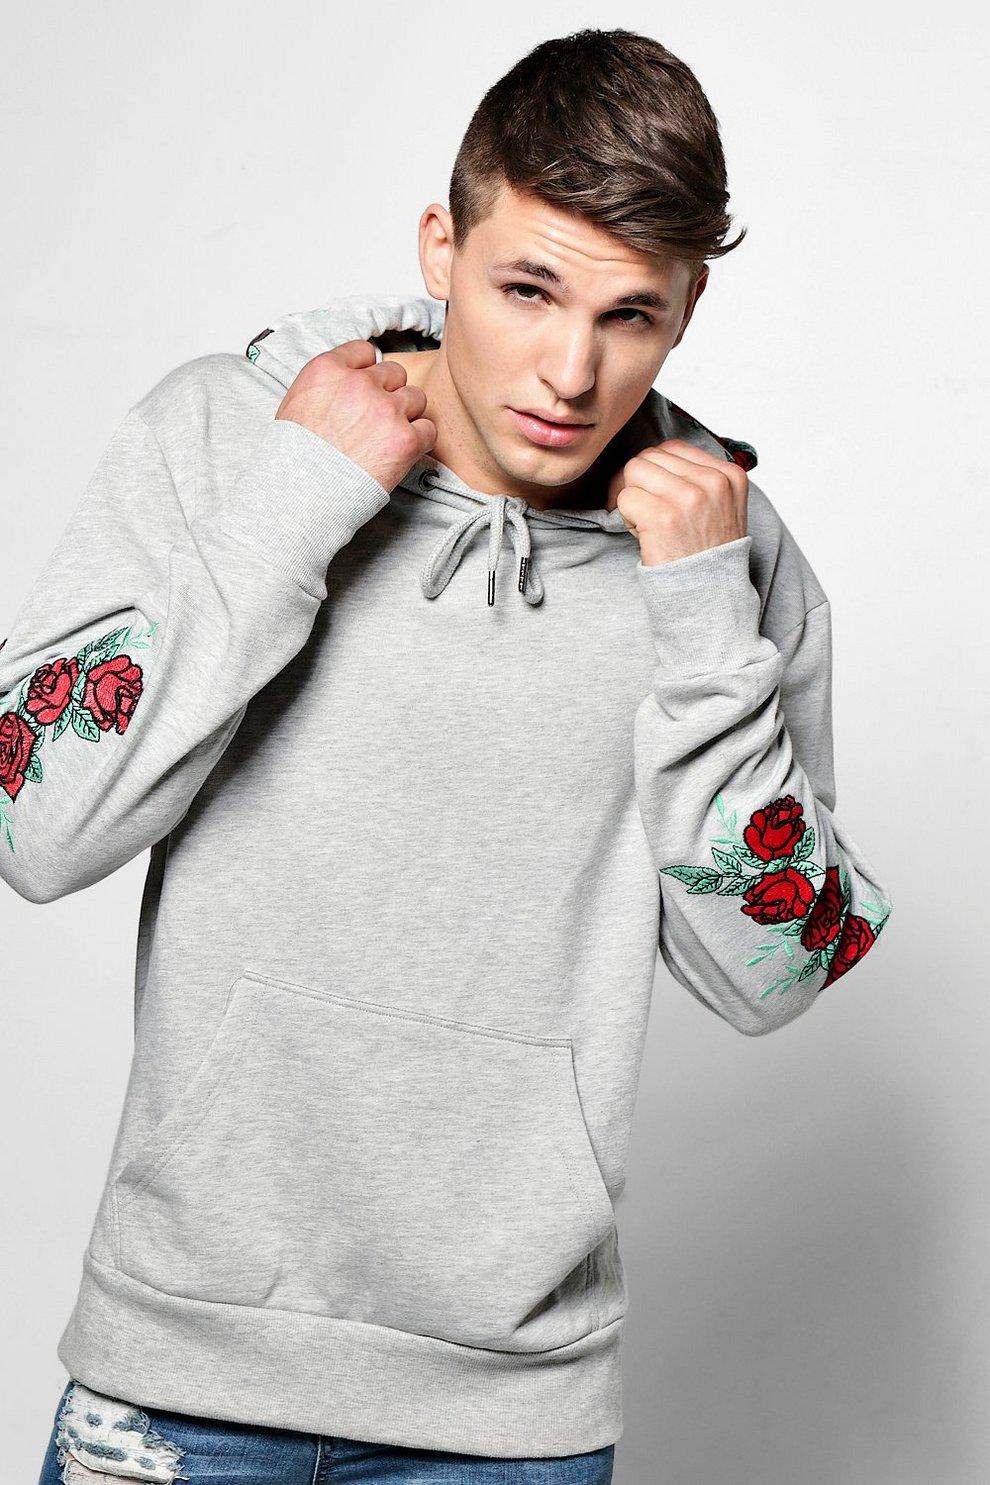 Sudadera con capucha y bordado de rosas  4f5d24d449d0